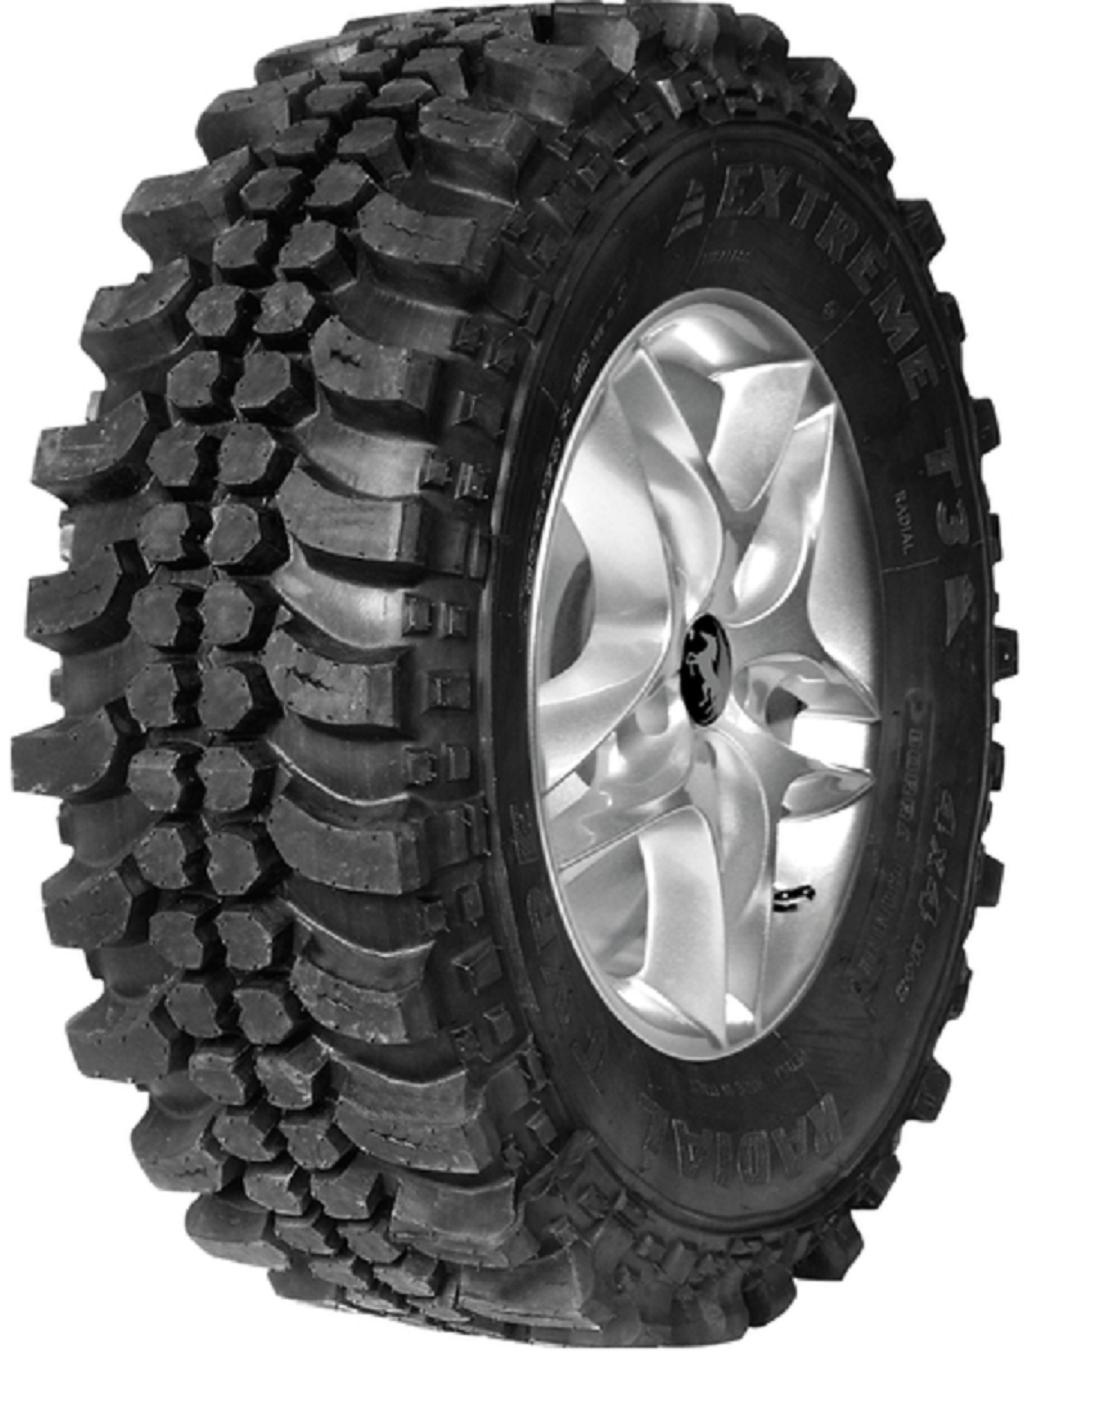 Poľovnícka offroad pneumatika T3 205/75 R15